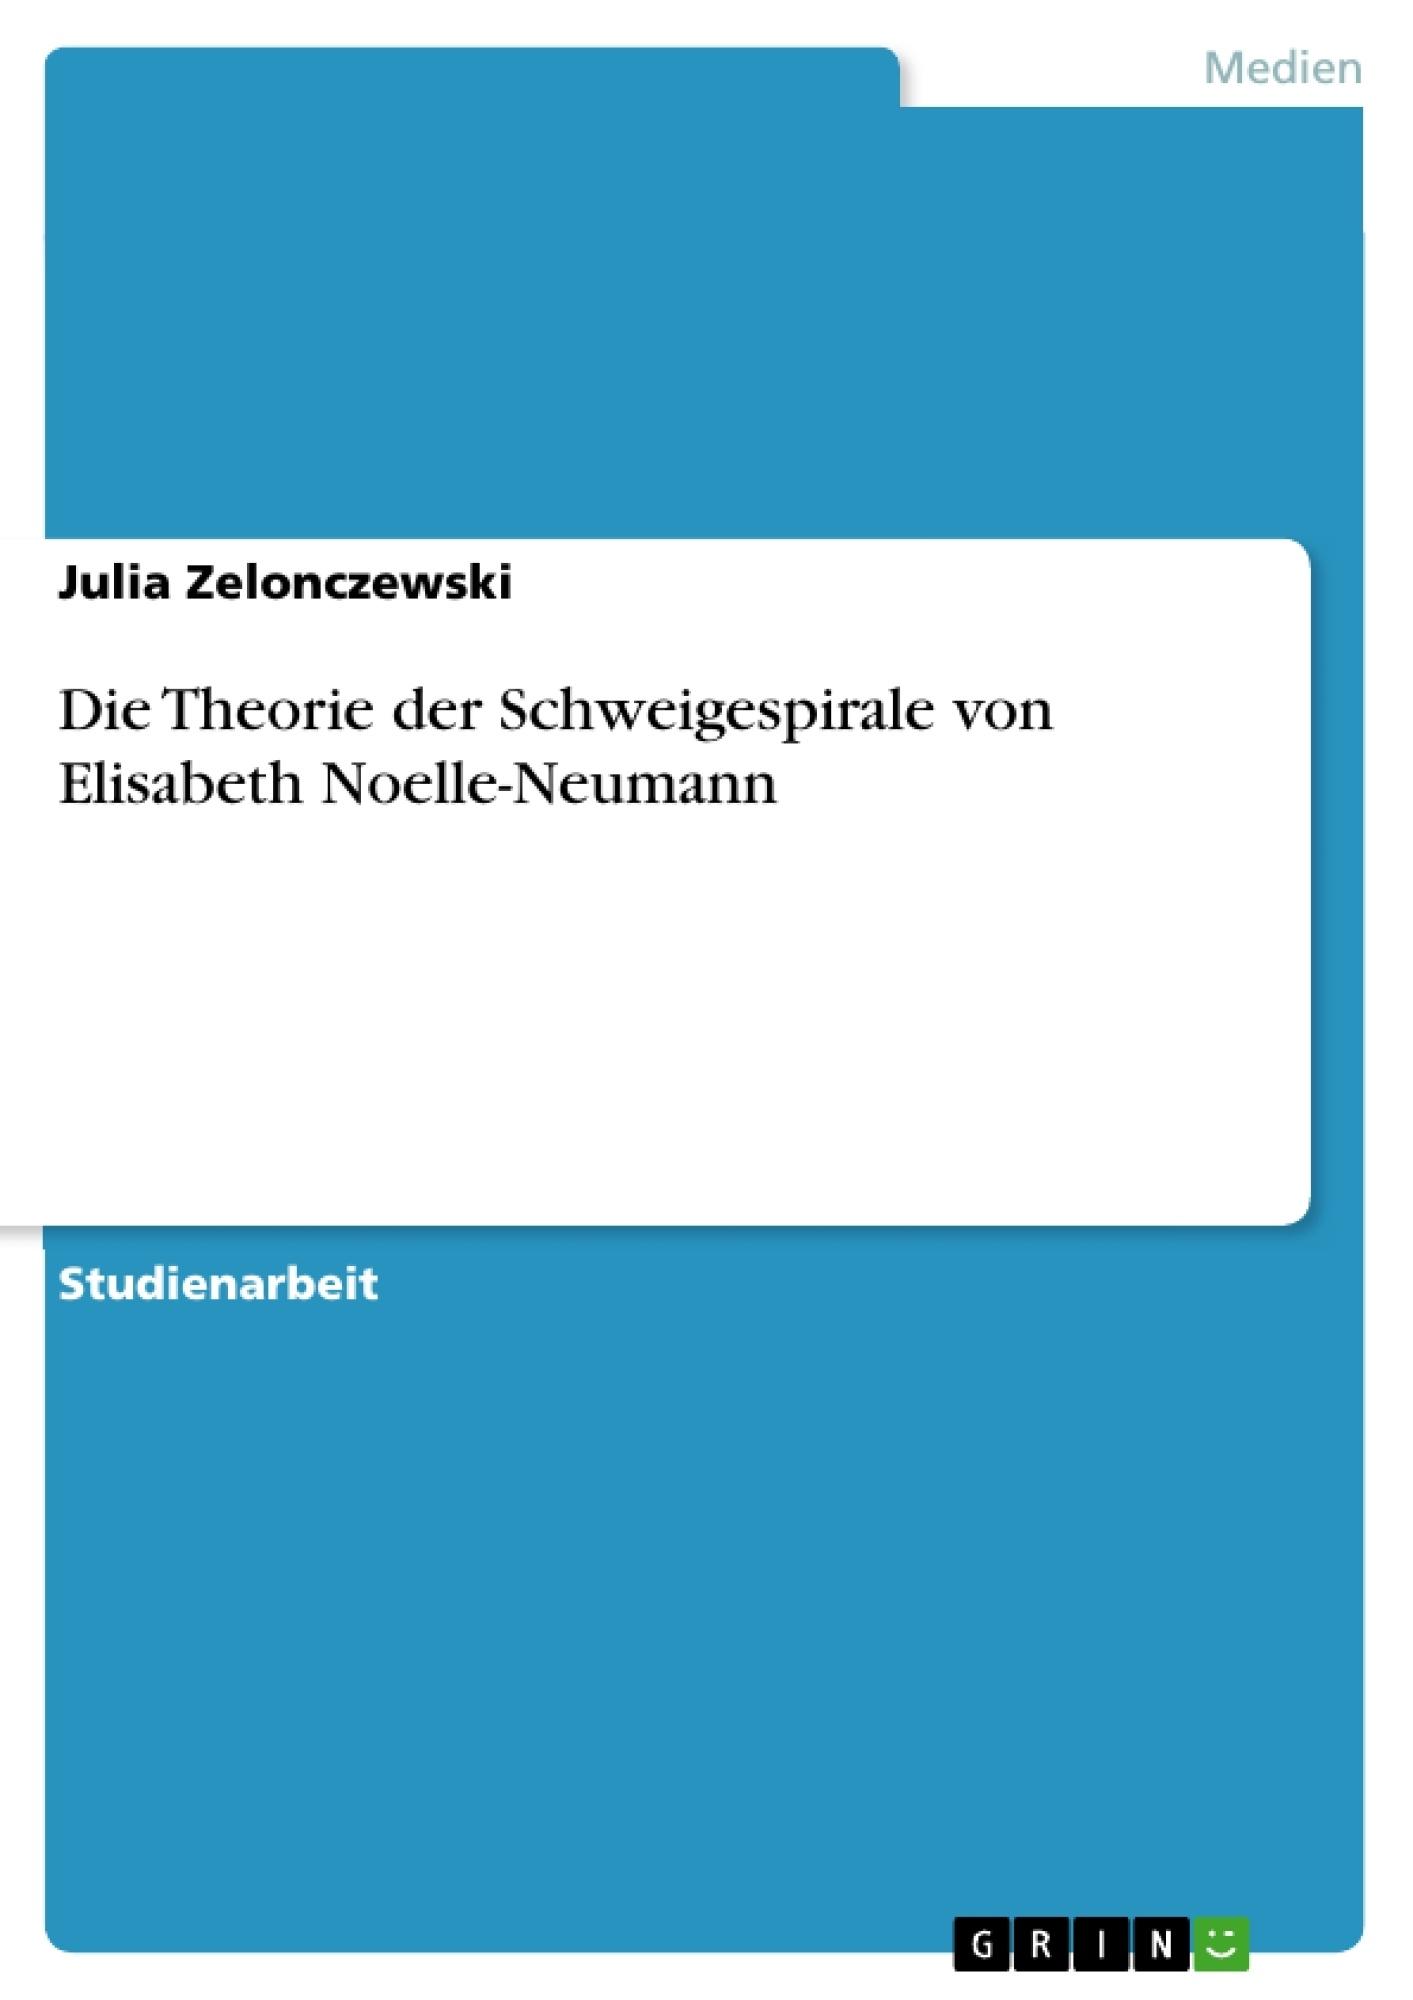 Titel: Die Theorie der Schweigespirale von Elisabeth Noelle-Neumann